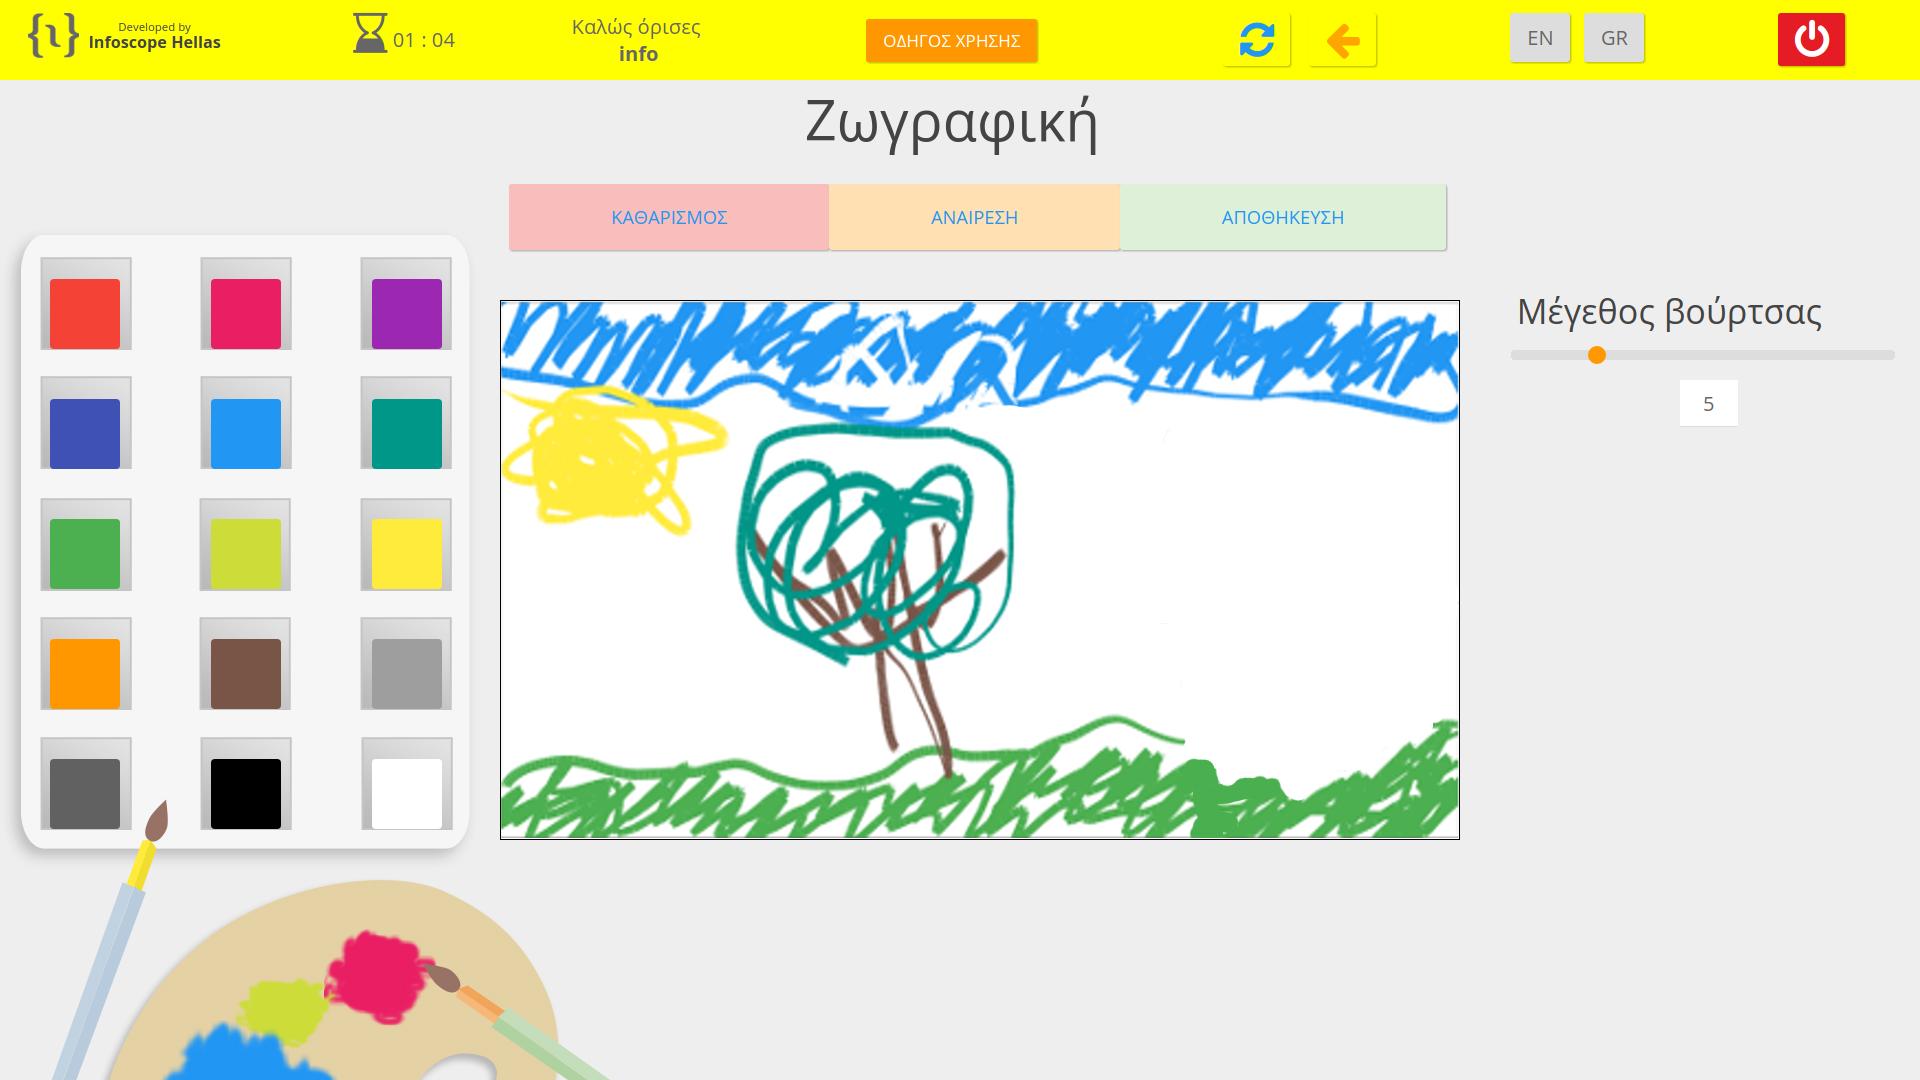 Ζωγραφική